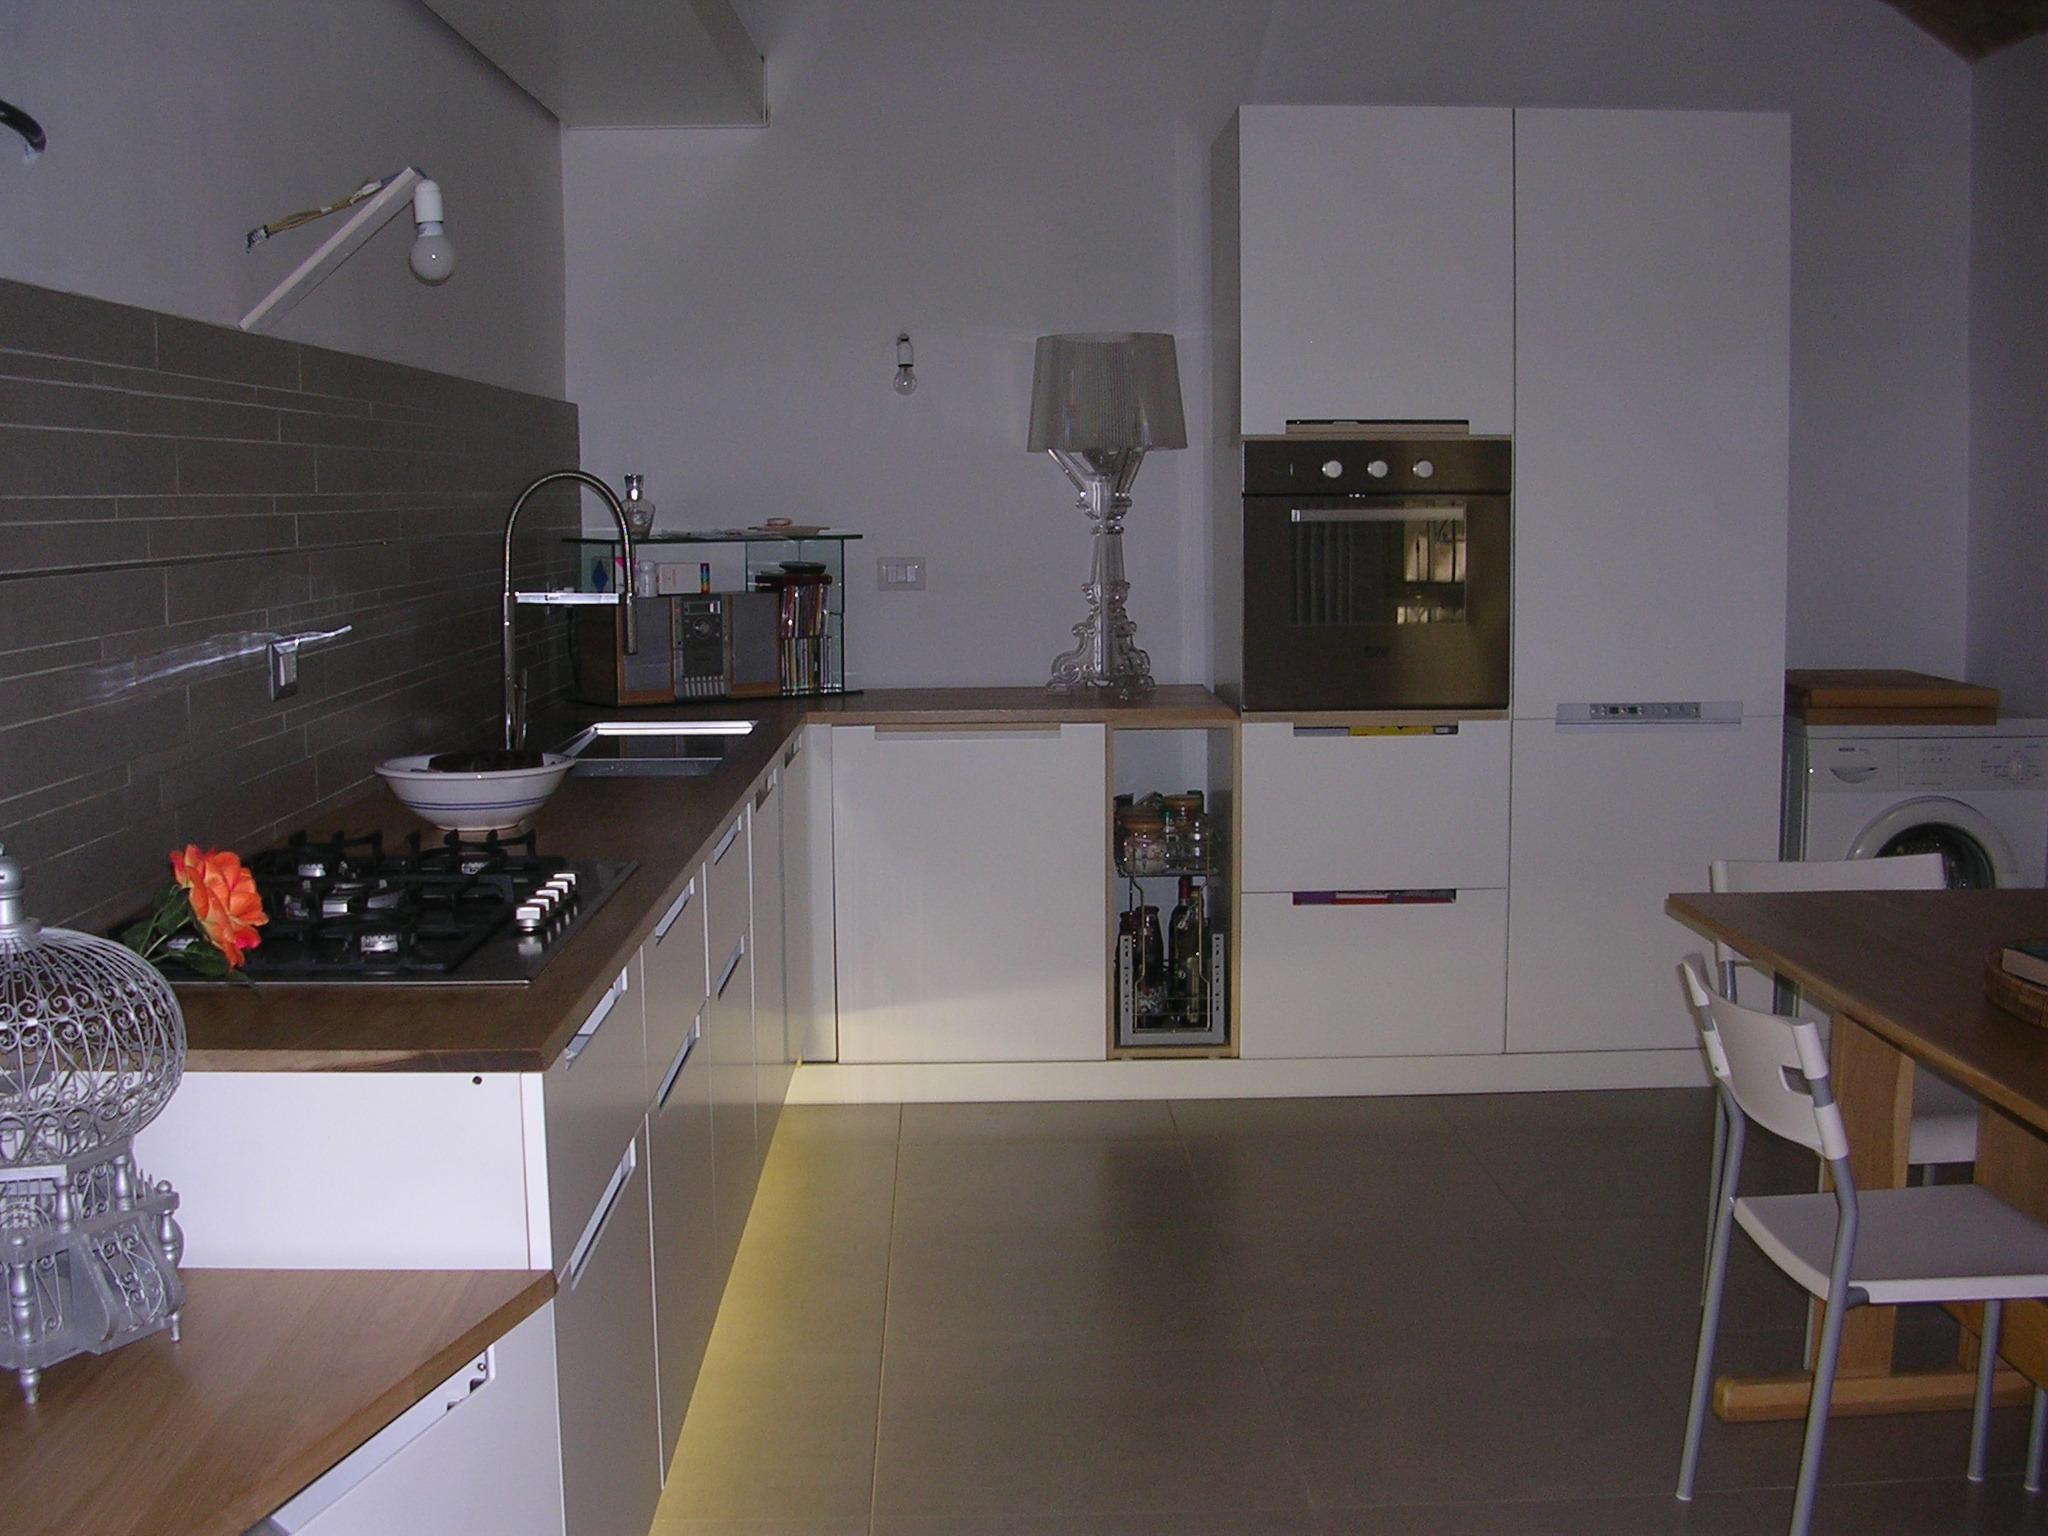 Affitto appartamento a roma for Affitto casa a roma